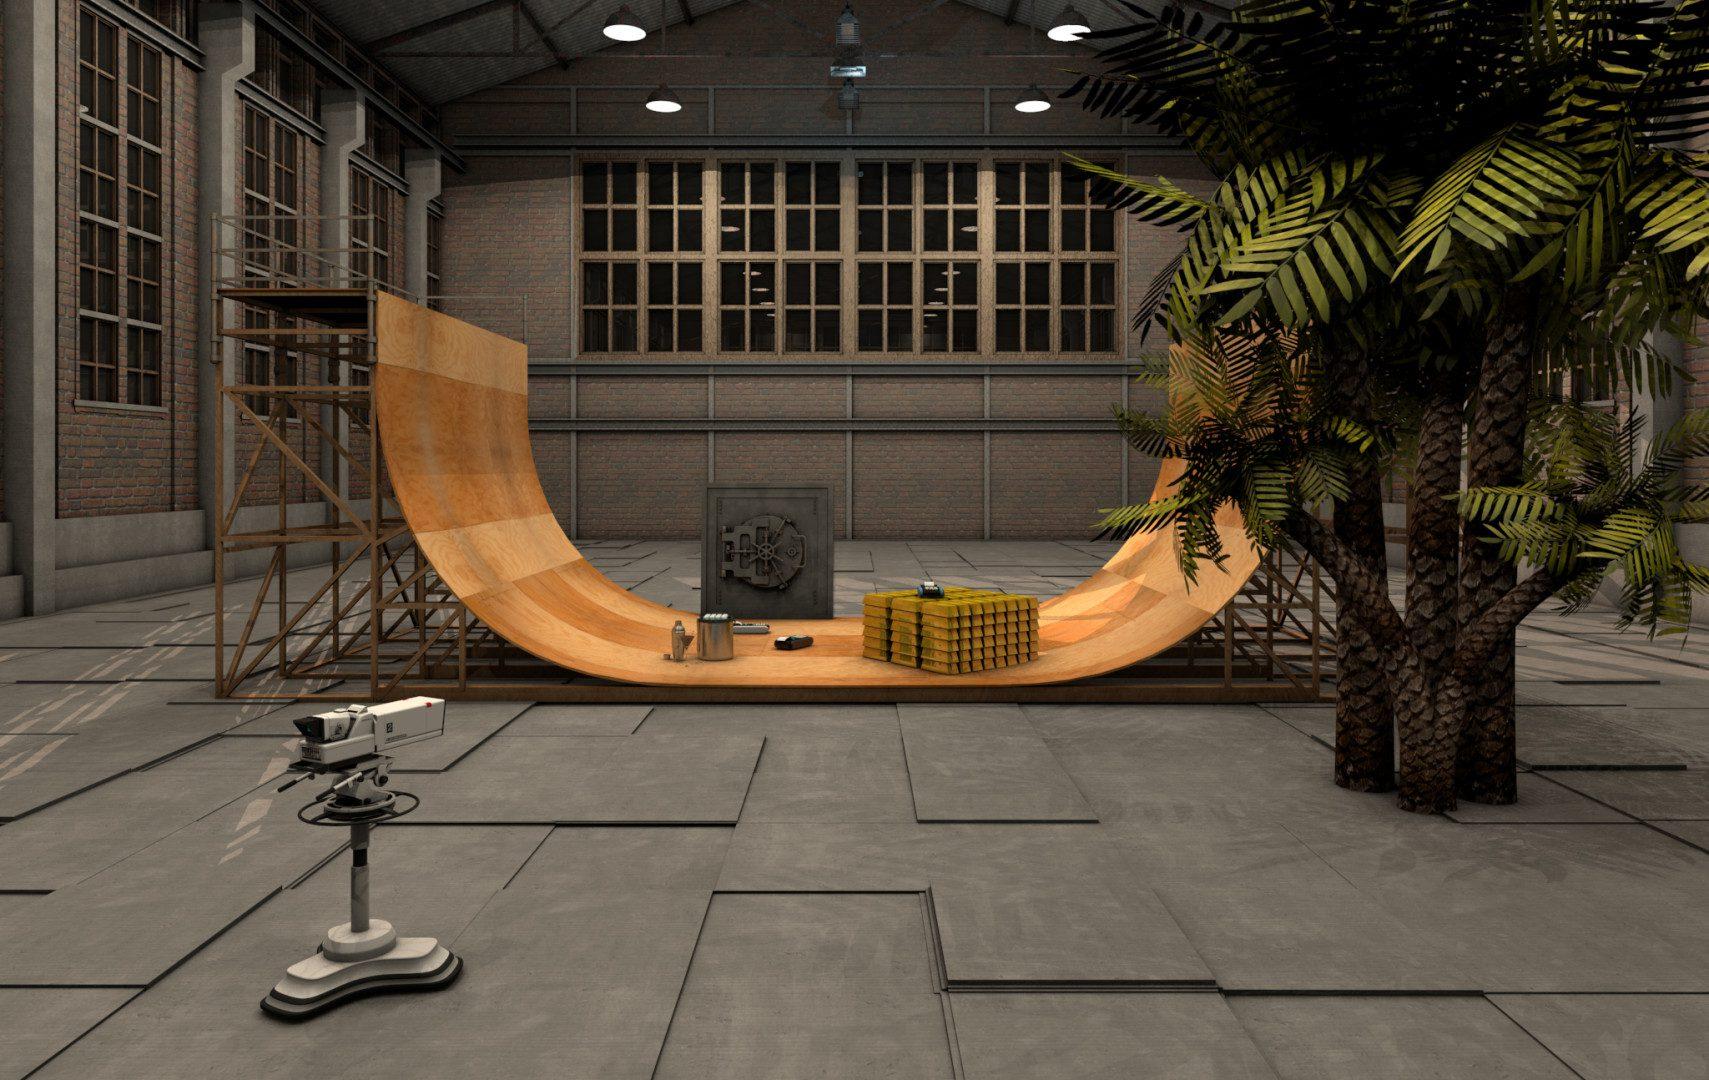 Scene 10 - Skater